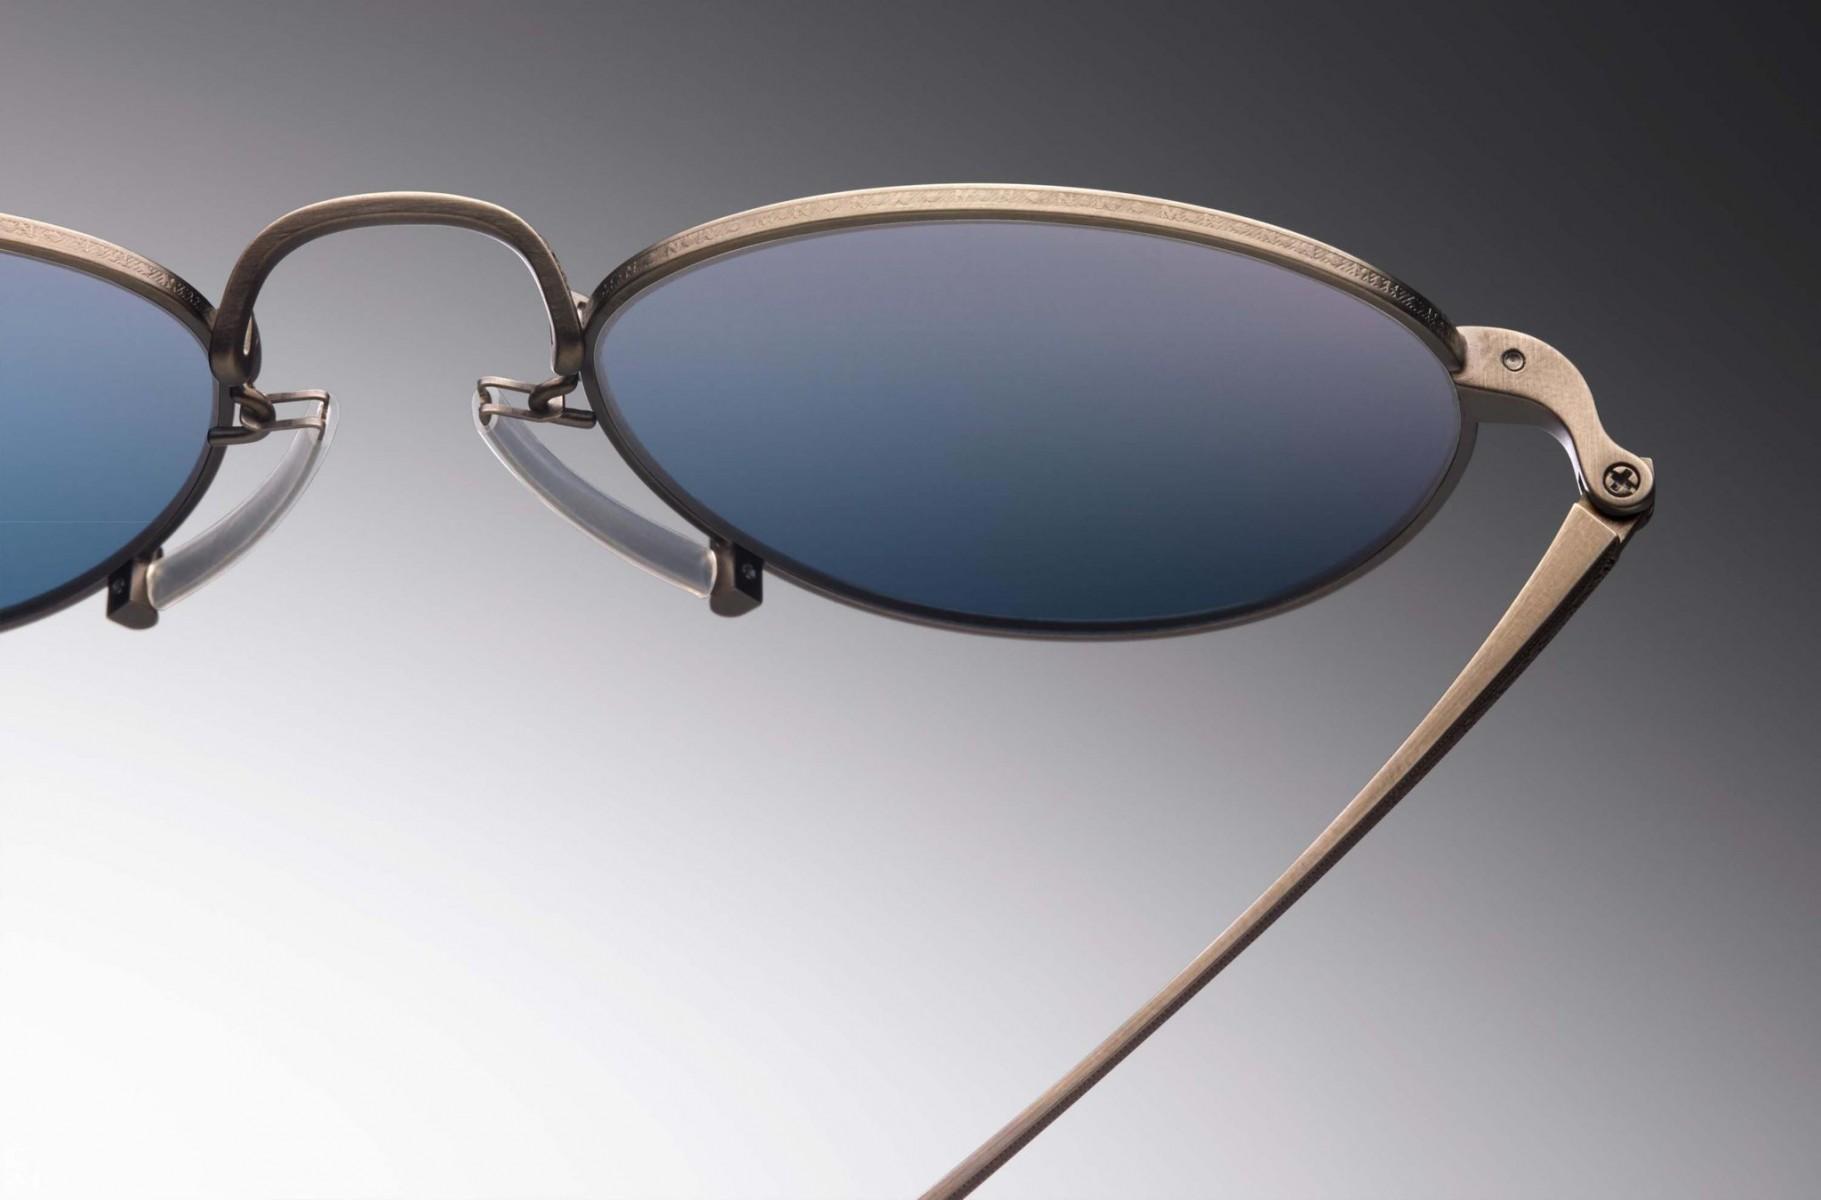 matsuda-eyewear-tight-m3045-bs-1